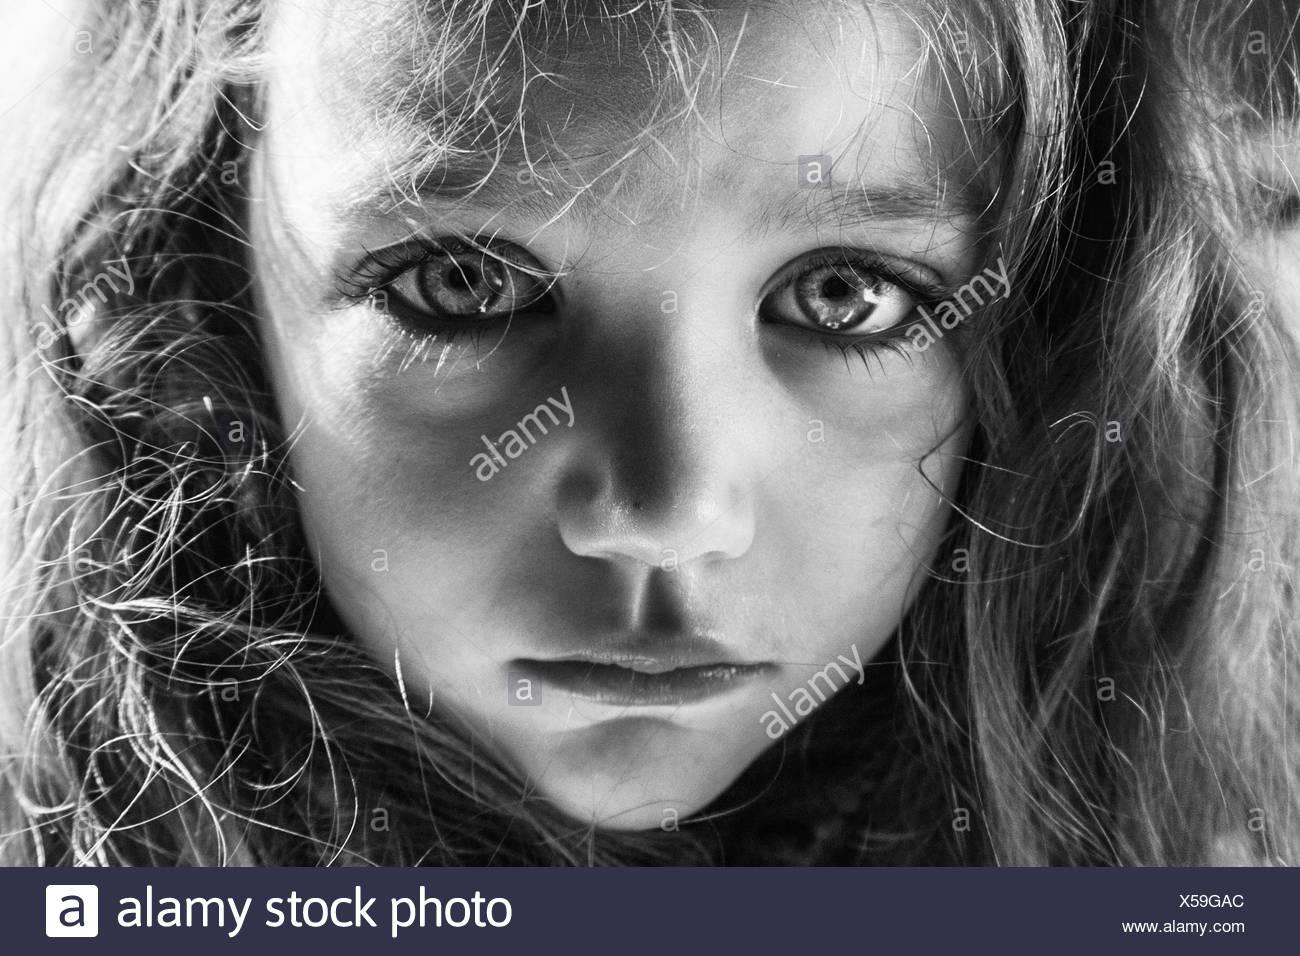 Chica con una lágrima corriendo por su rostro Imagen De Stock